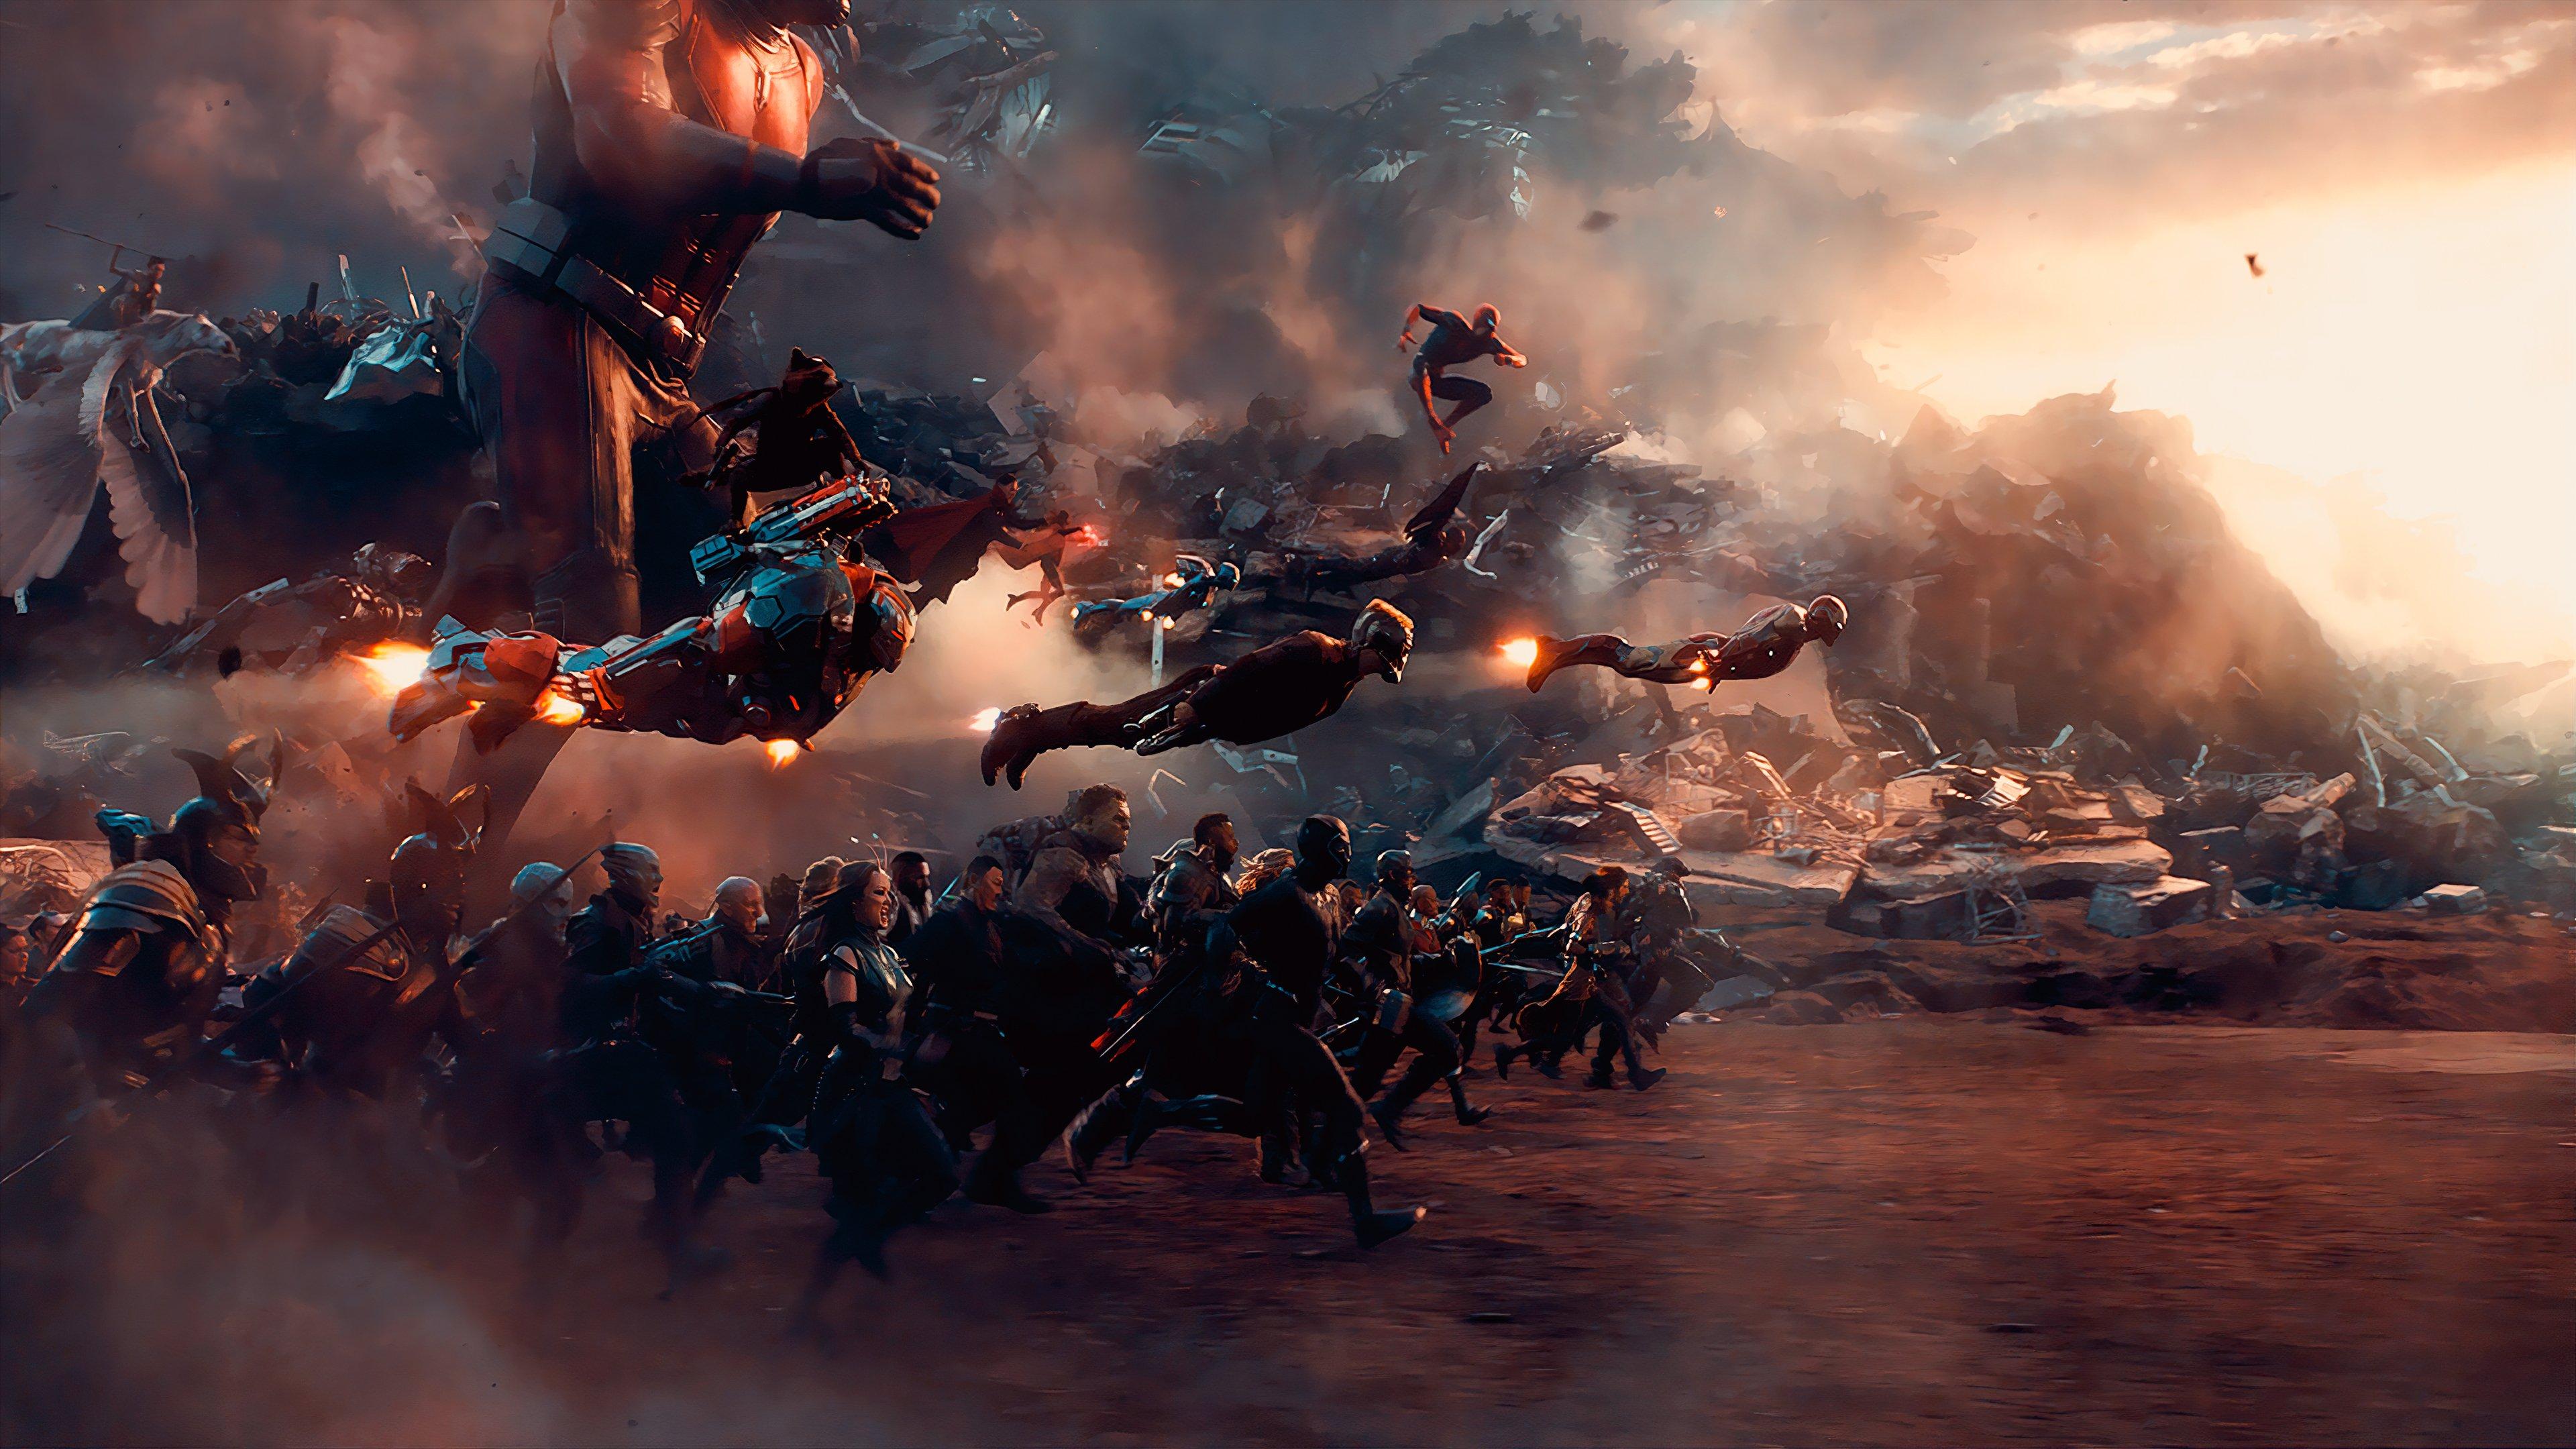 marvels avengers video game wallpaper 74163